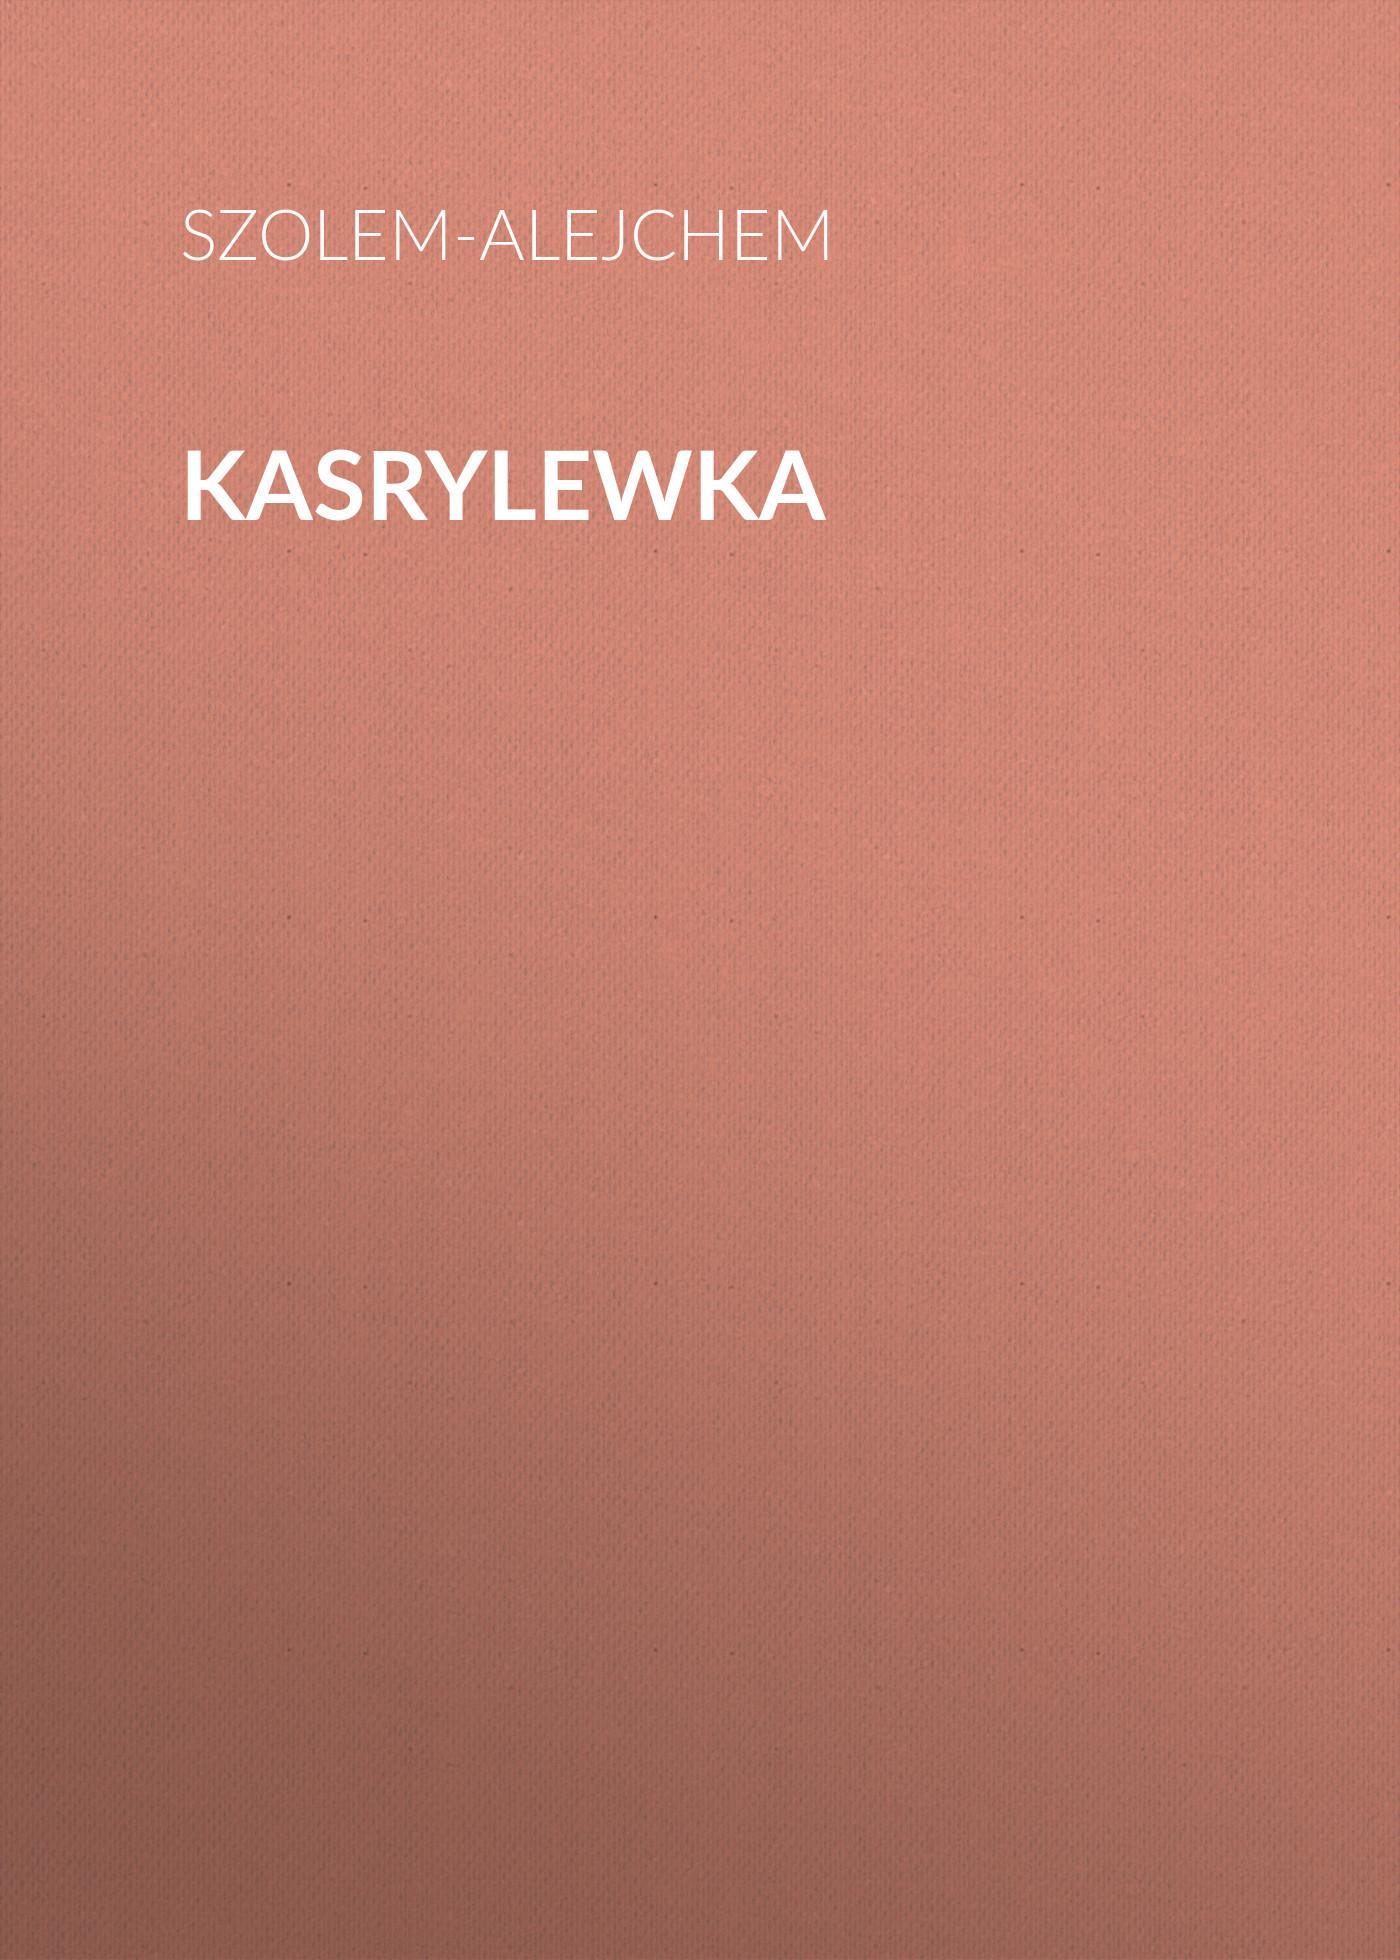 Kasrylewka